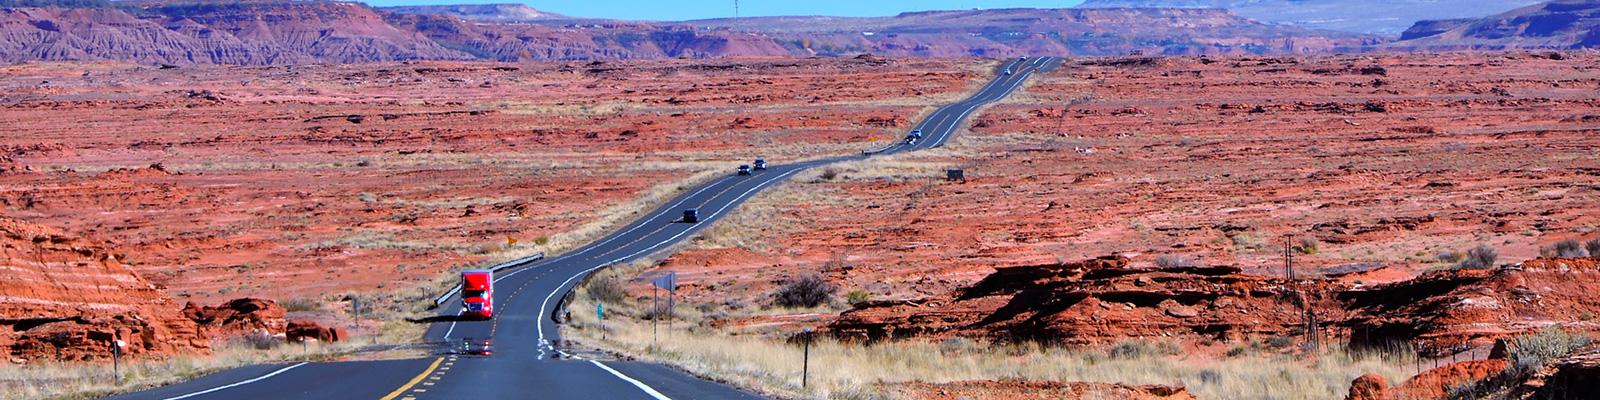 アリゾナ 自動車 道路 イメージ